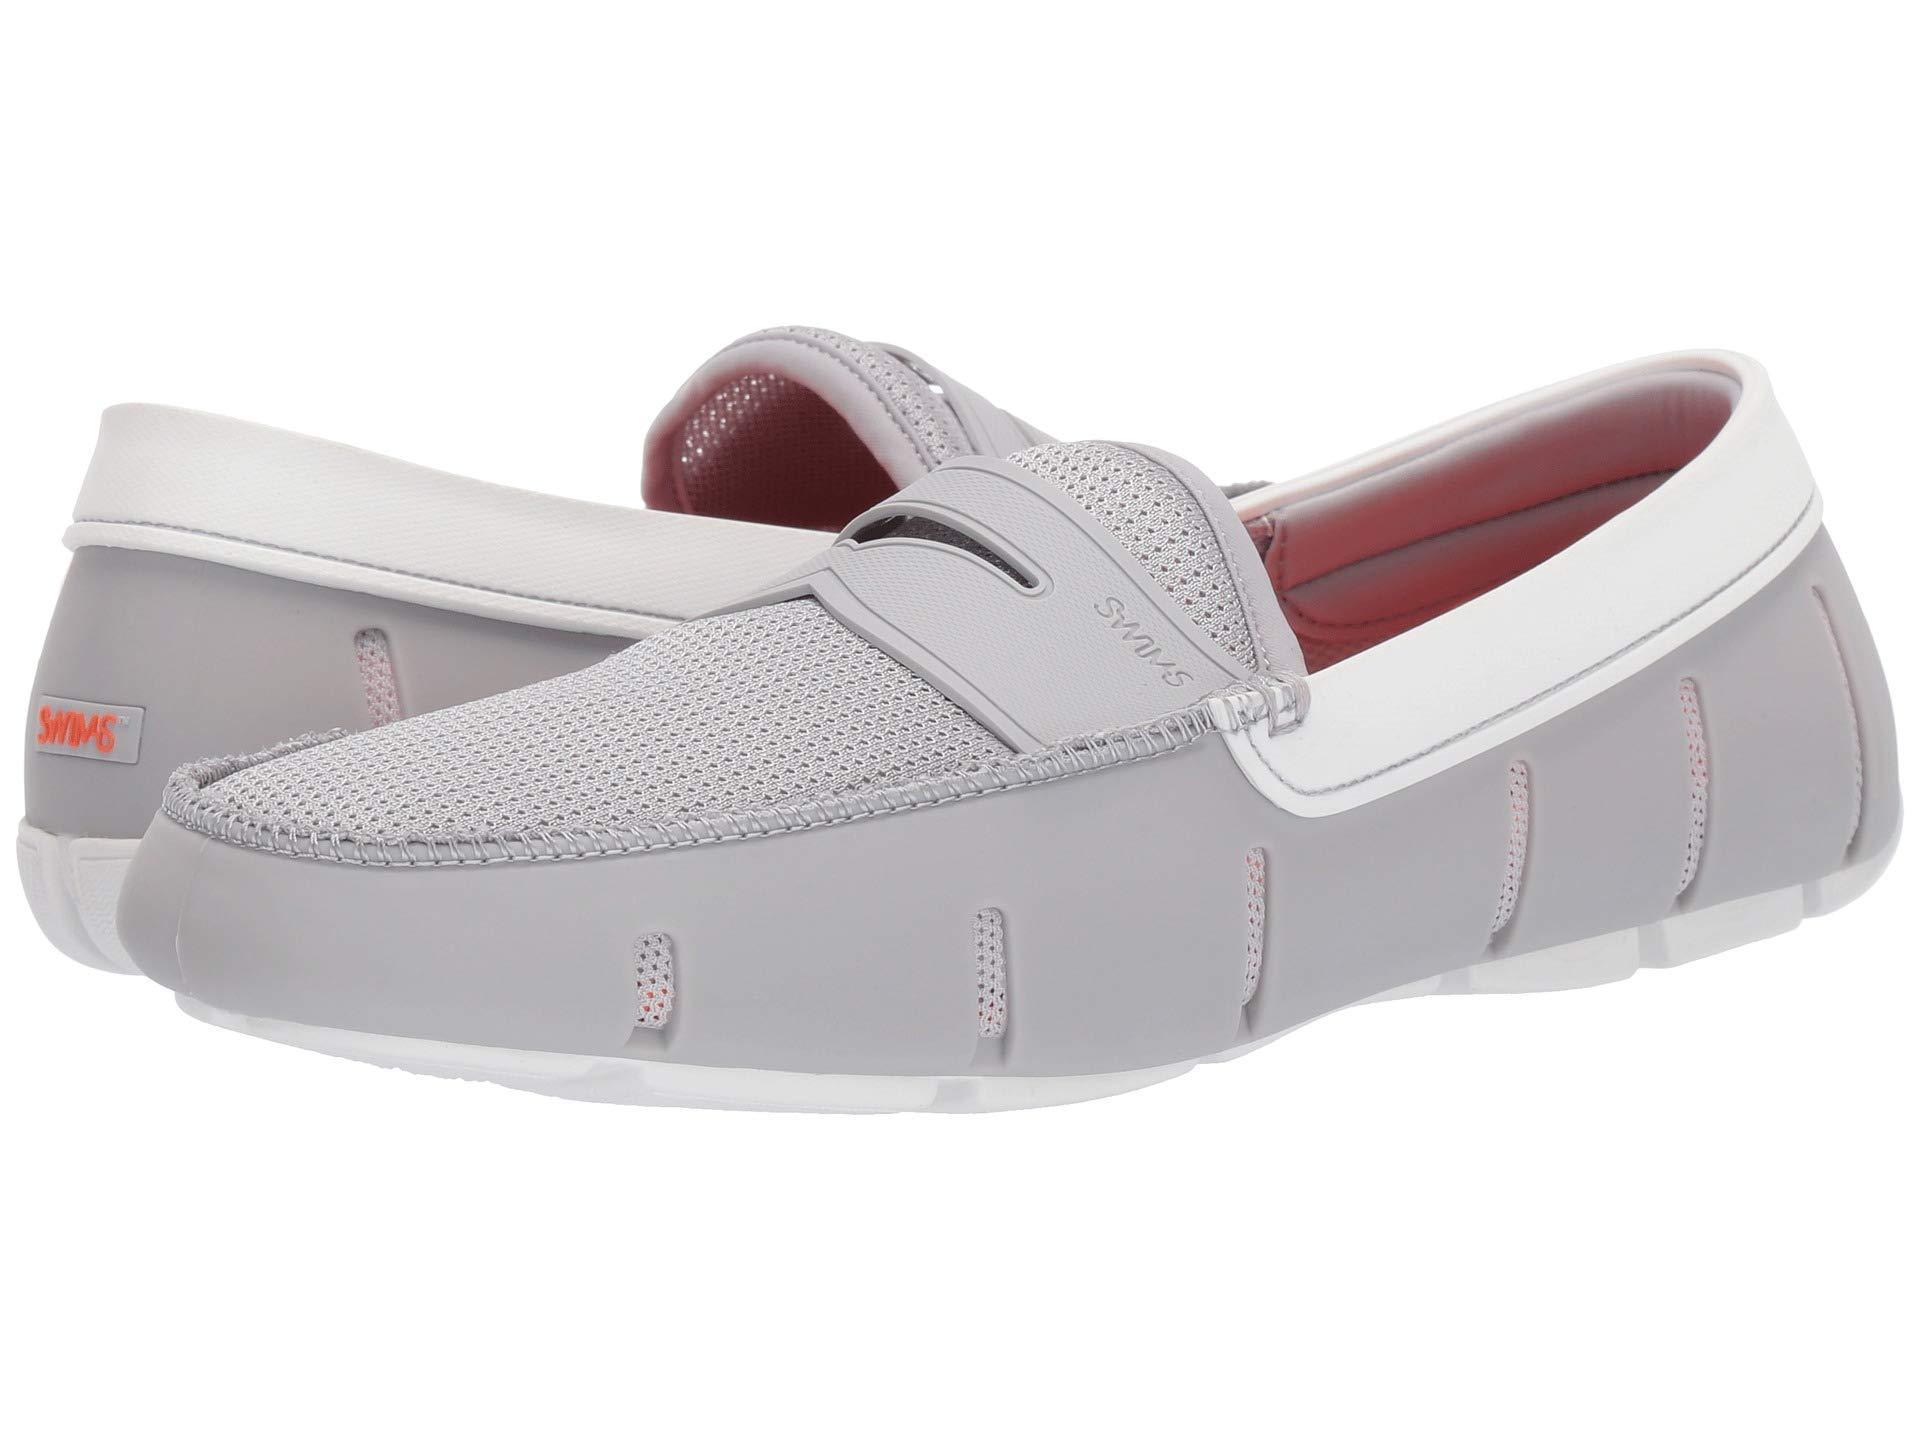 57b5d4e4edc Lyst - Swims Penny Loafer (black) Men s Shoes in White for Men